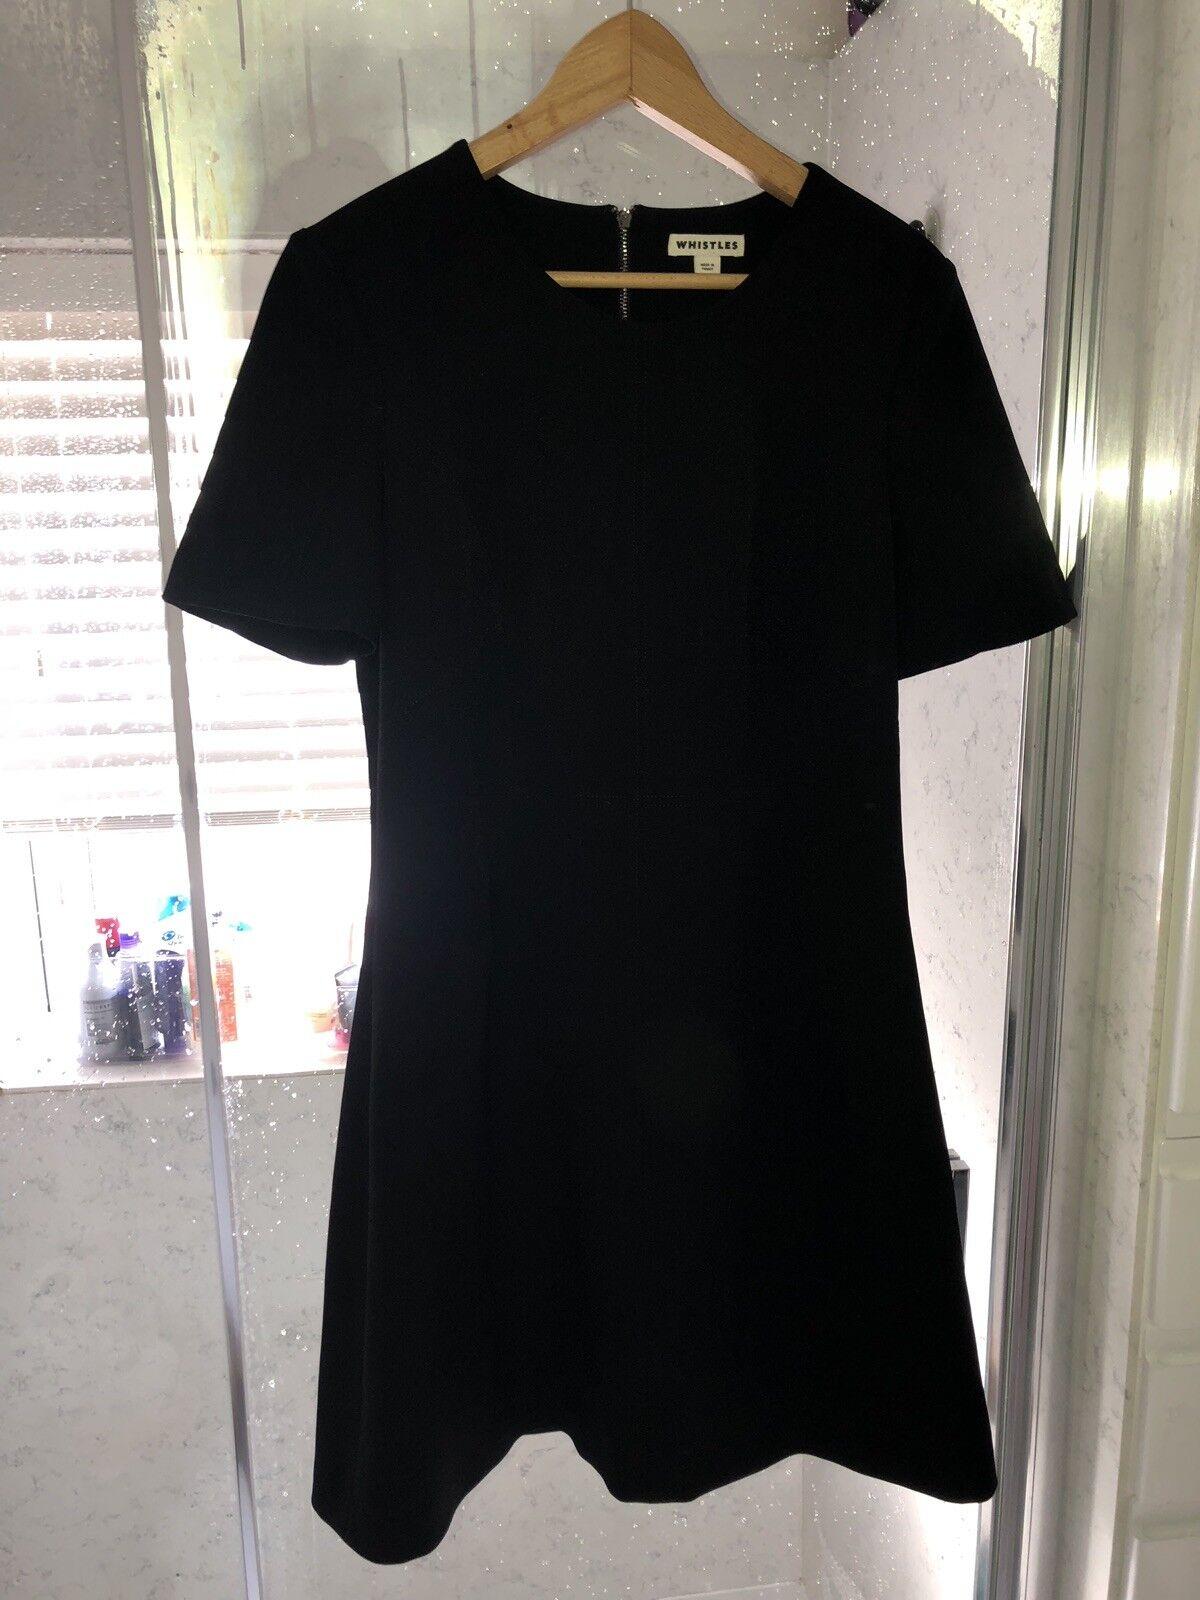 WHISTLES Petite Robe Noire LBD Ajustée UK 14 fête de Noël